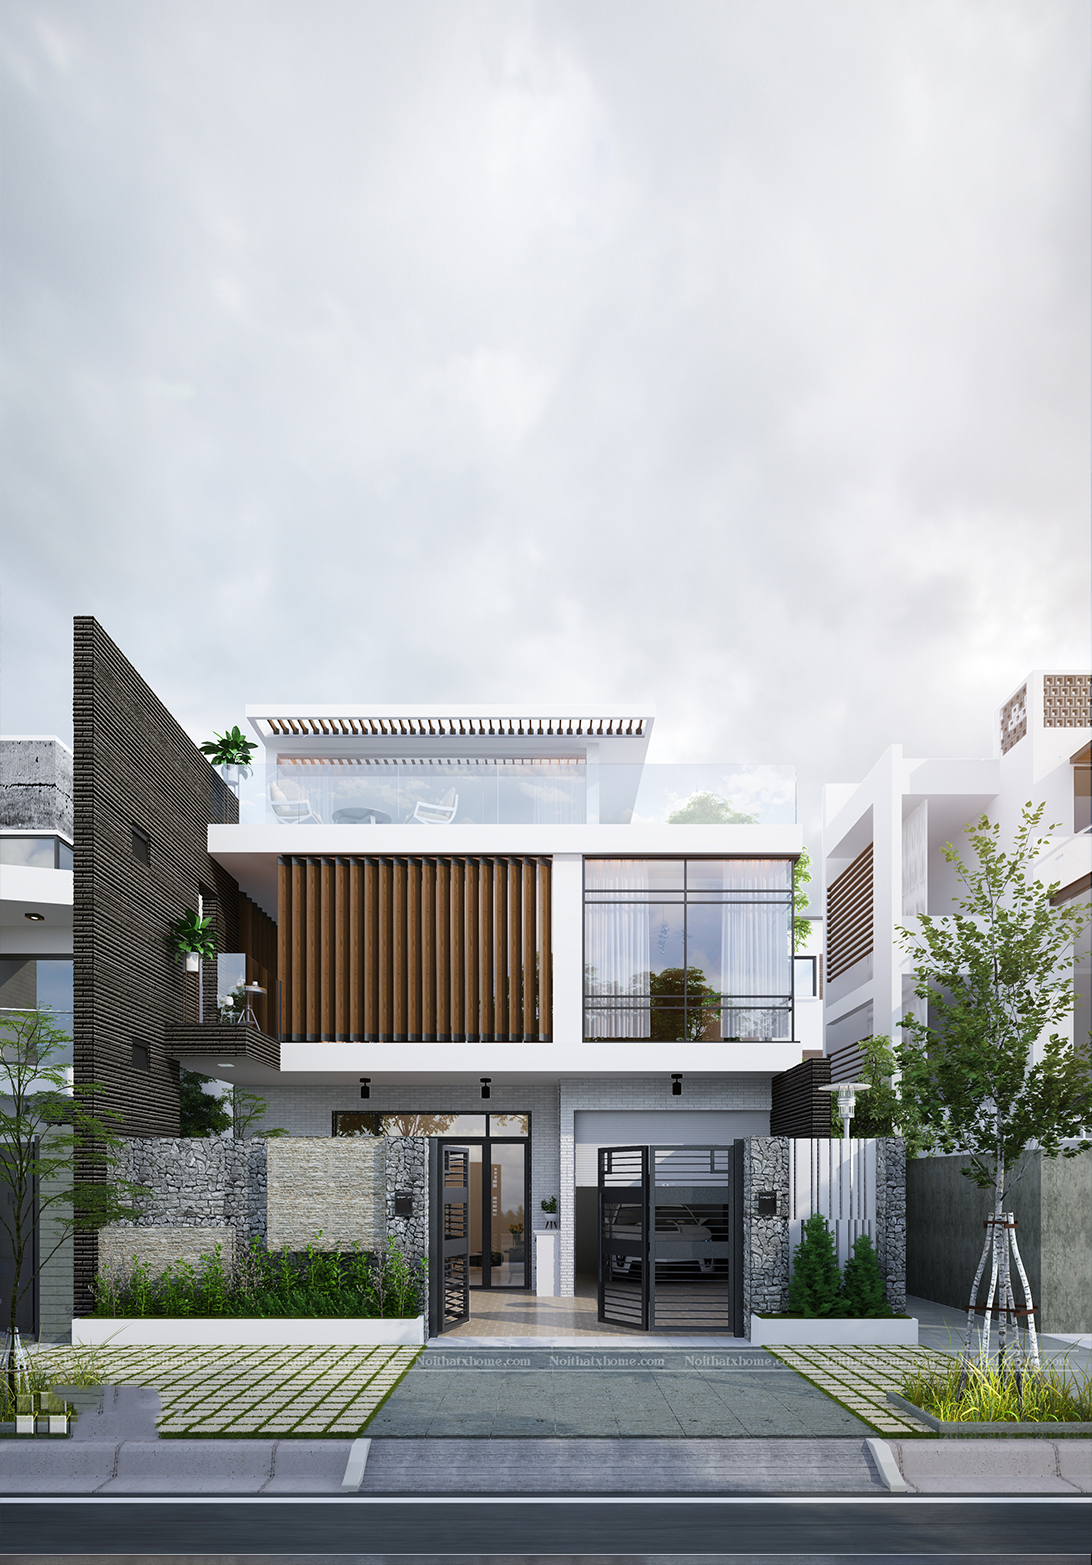 thiết kế nhà hiện đại